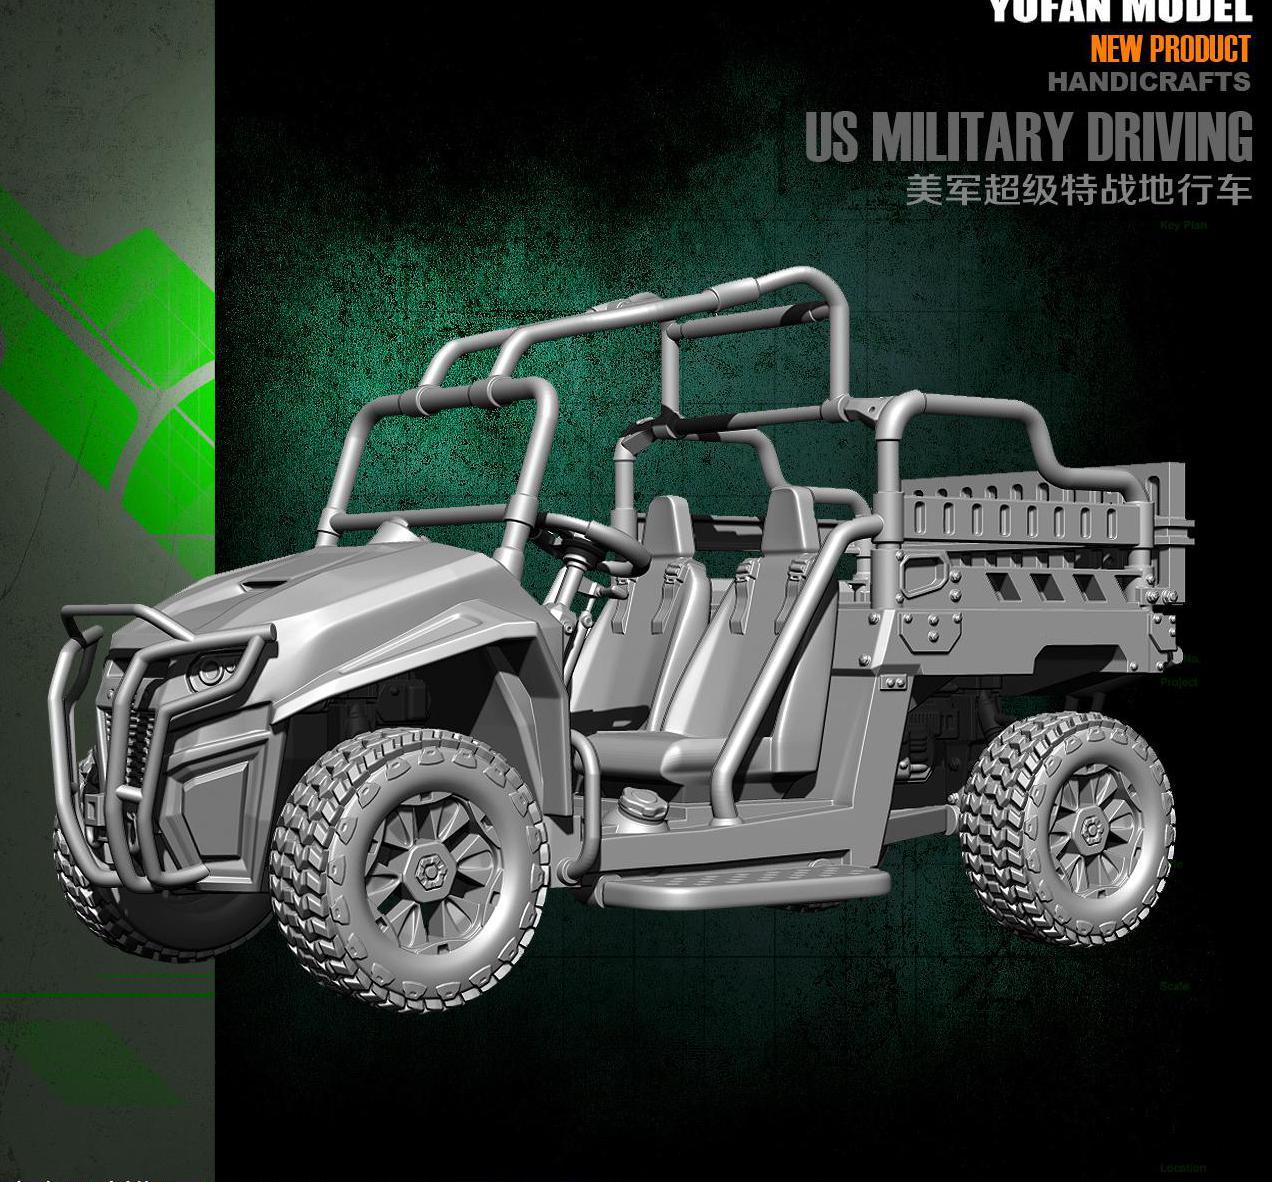 Yufan Model 1/35 Resin Model Oorspronkelijk YFWW35 1854 Van U. s. Leger Terreinwagen-in Modelbouwen Kits van Speelgoed & Hobbies op  Groep 2